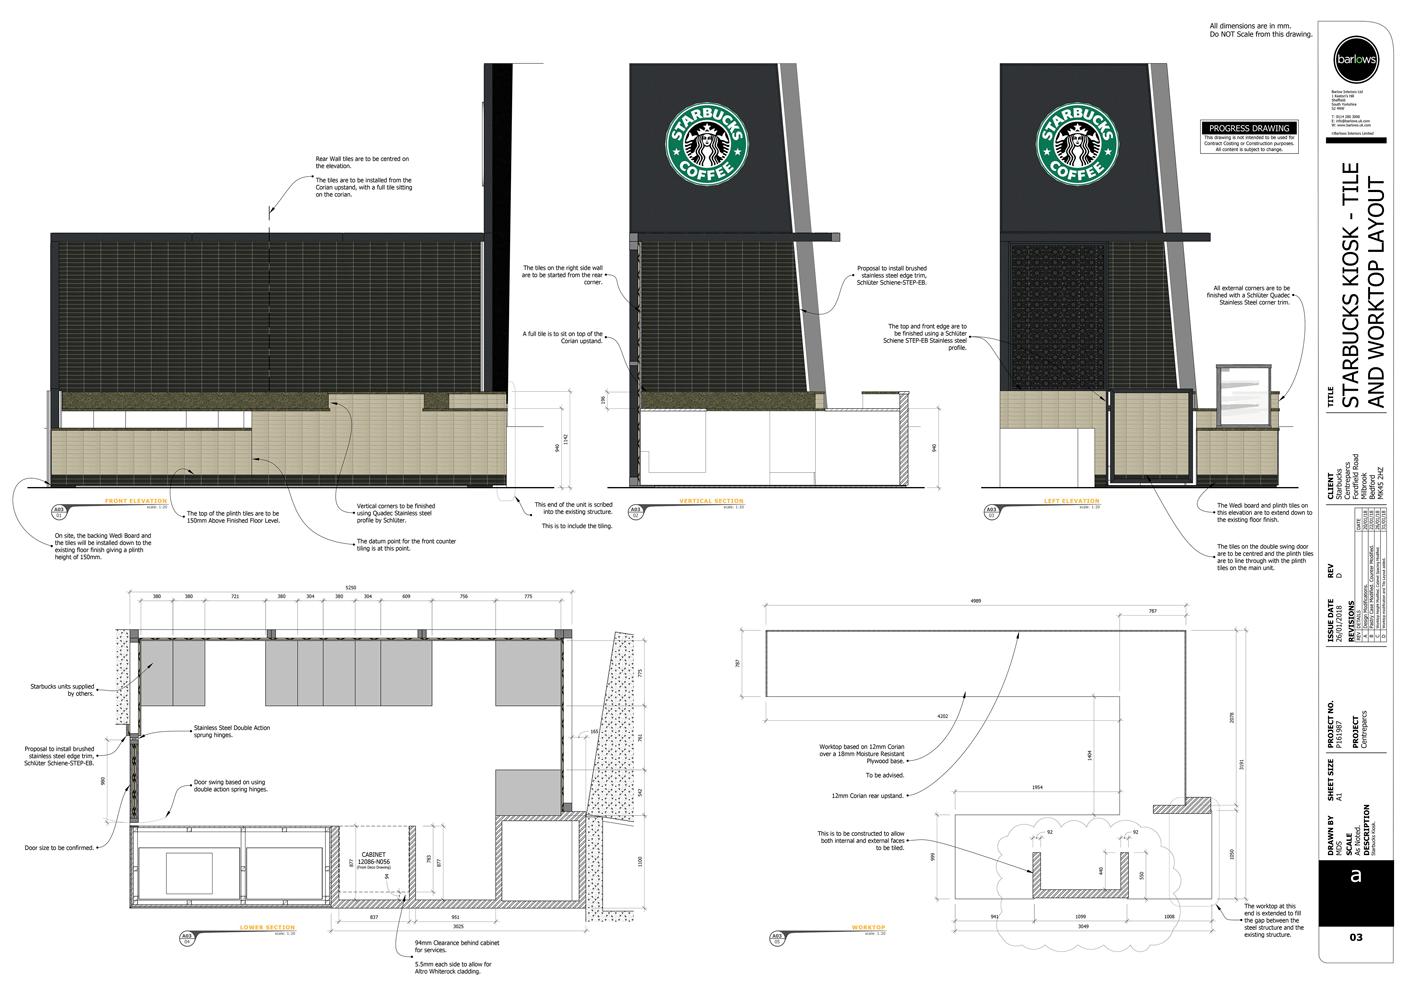 P161987---Starbucks---Centreparcs---A03---REV-D---Tiles-and-Worktop---31JAN18